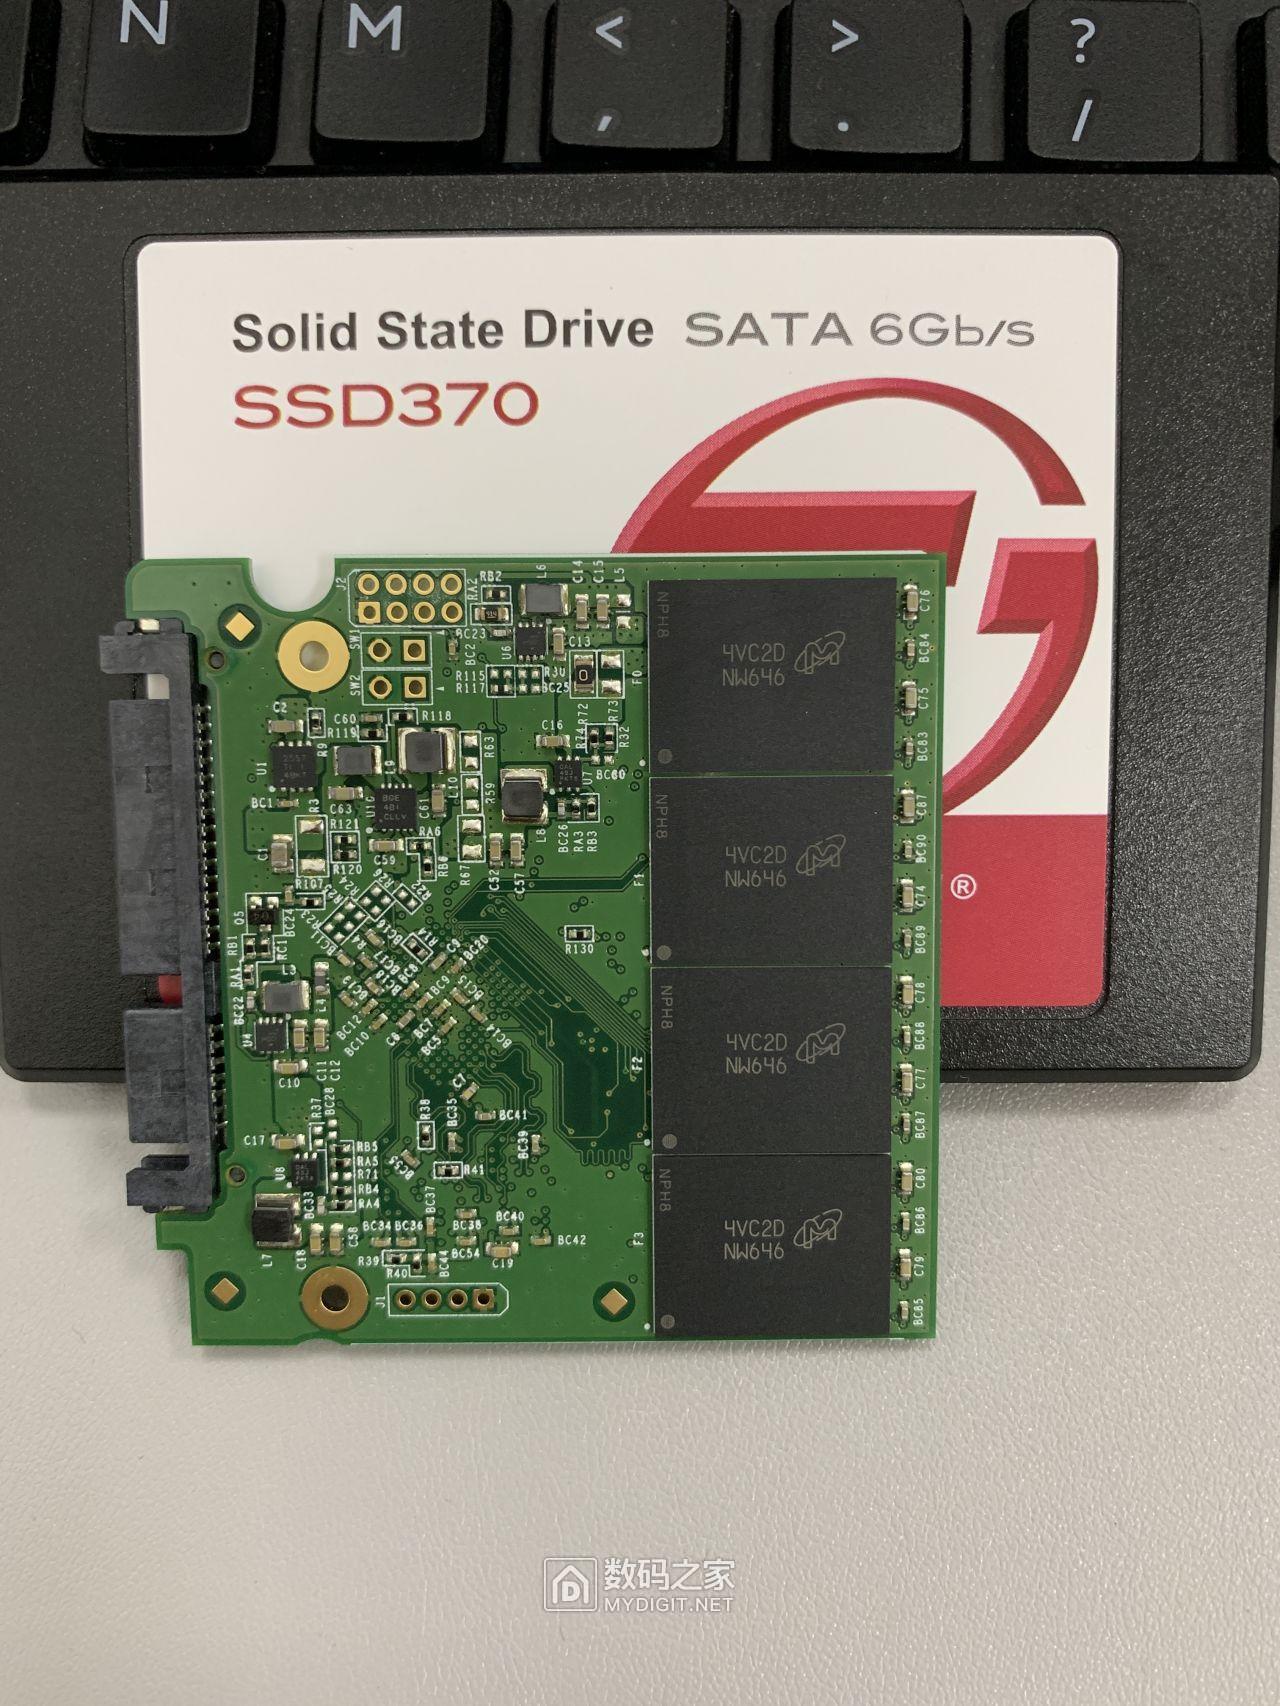 SSD370-4.jpg